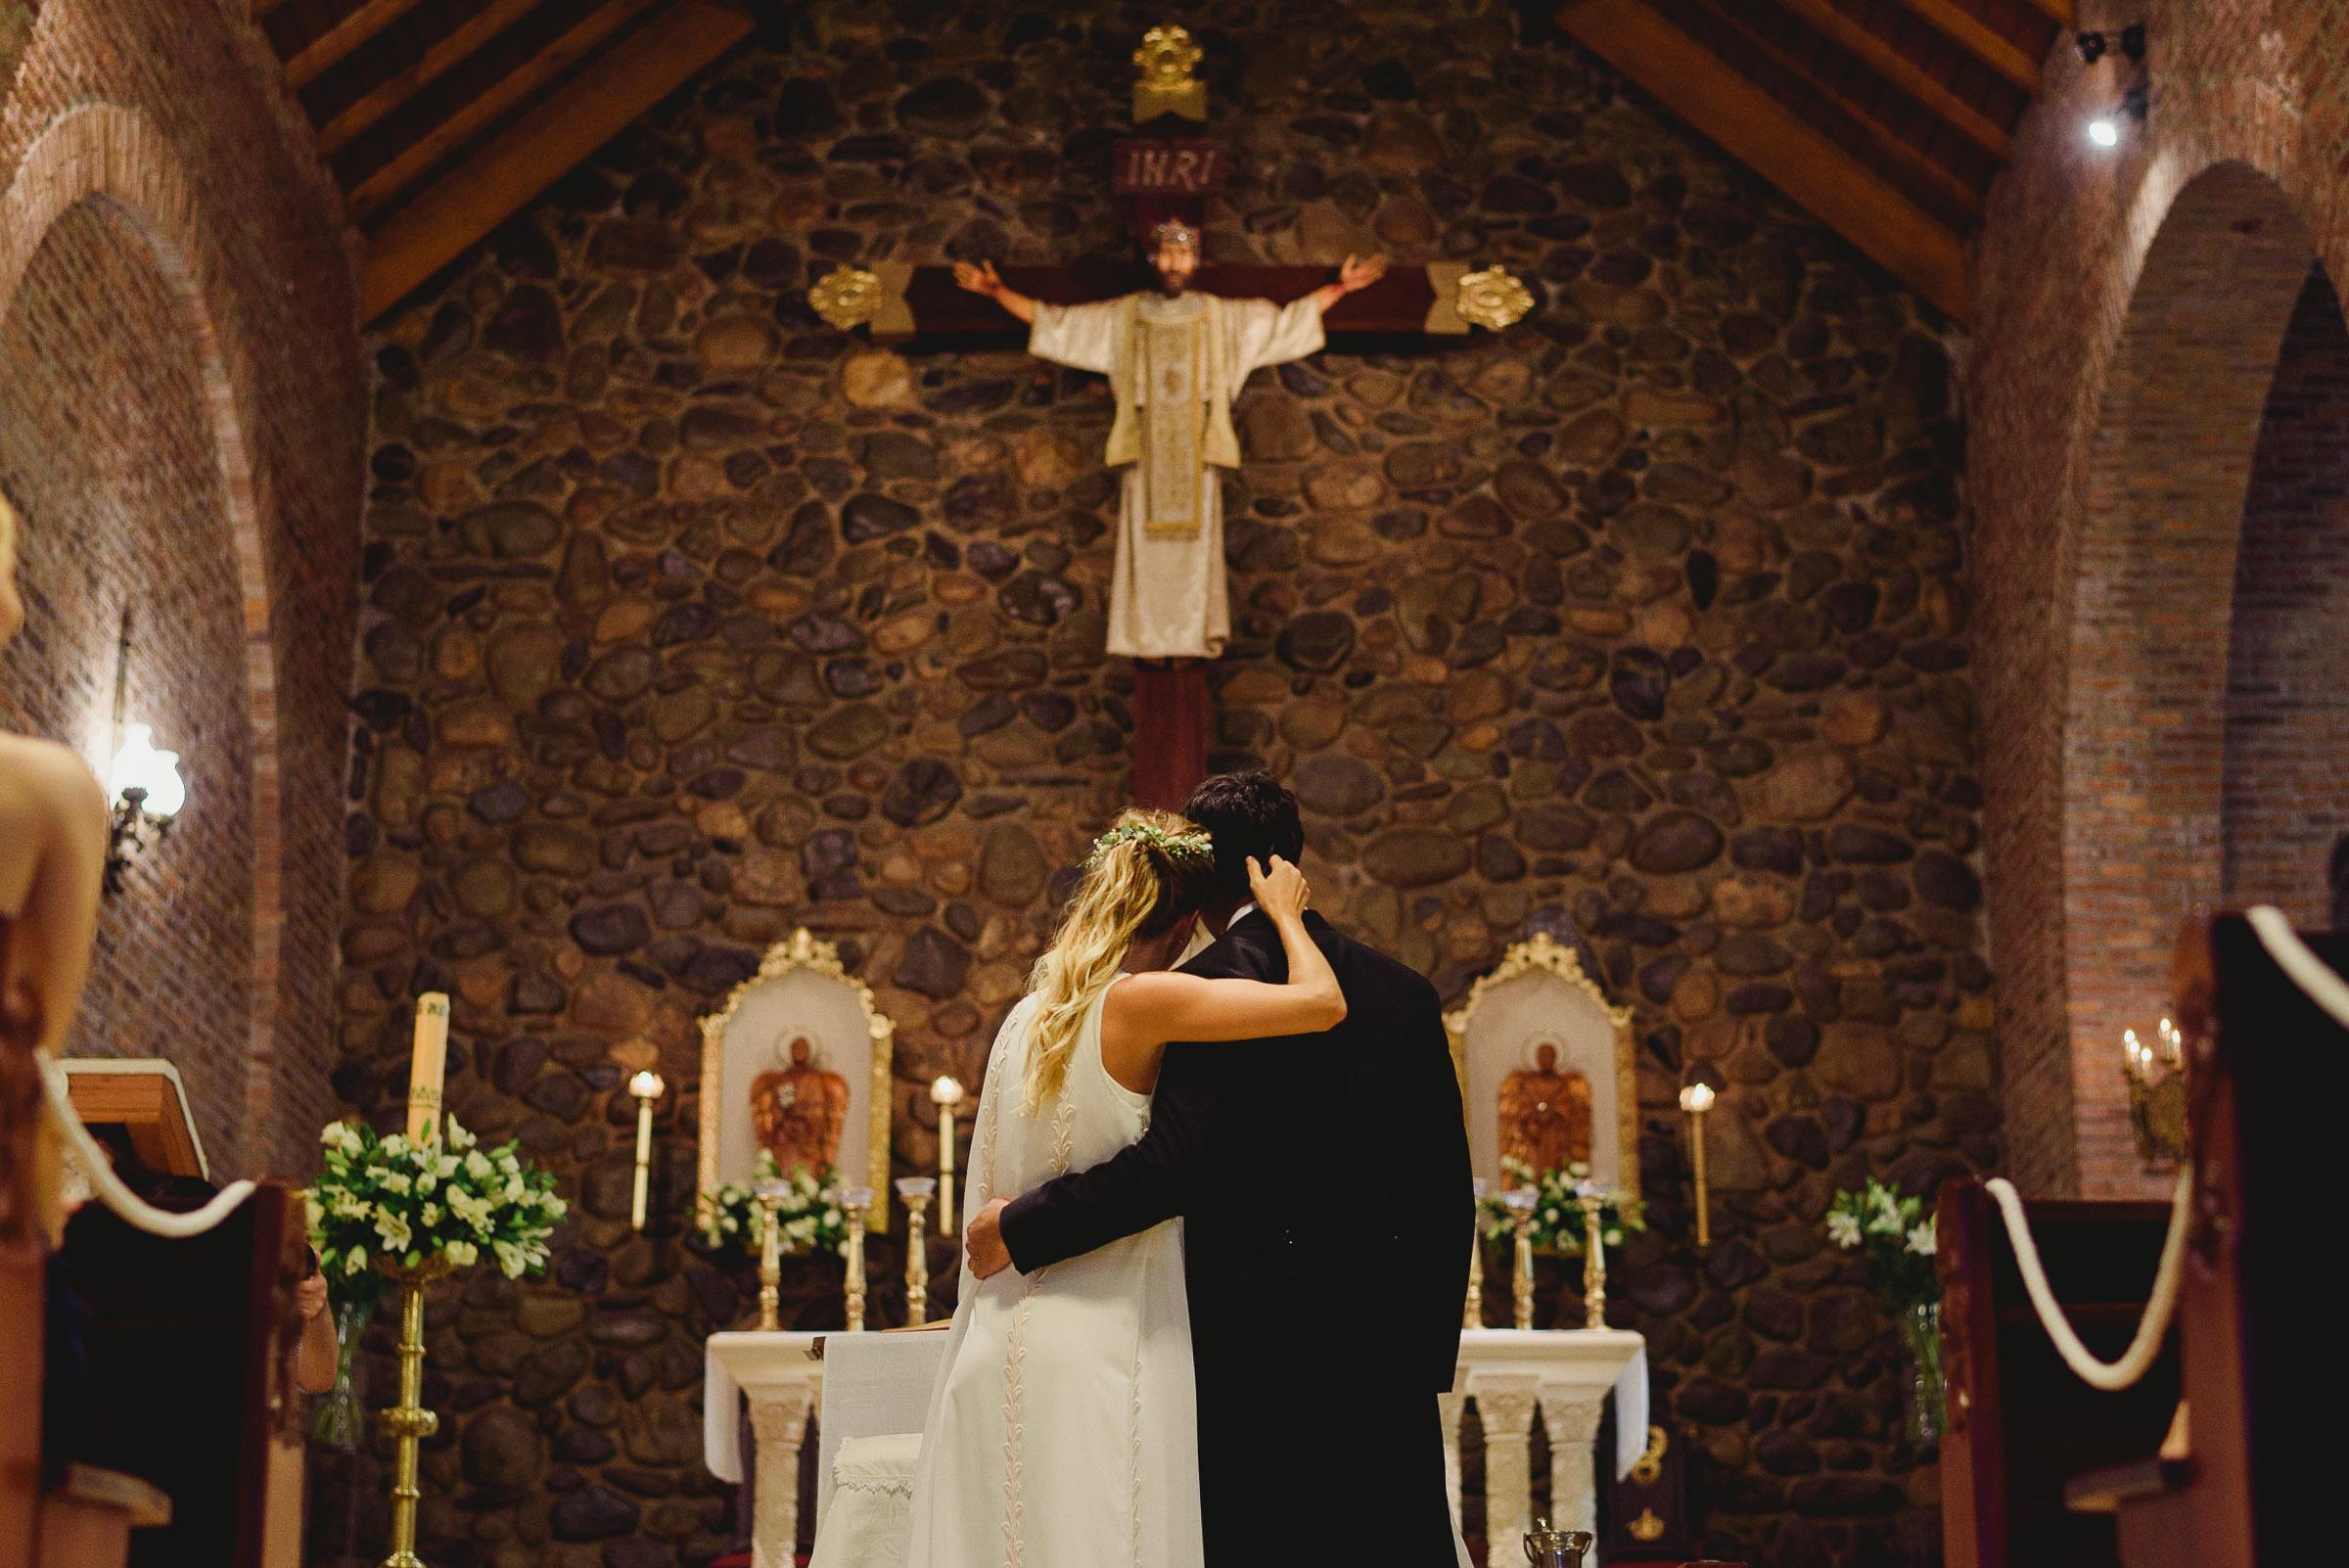 parroquia maria madre de la iglesia20.JPG